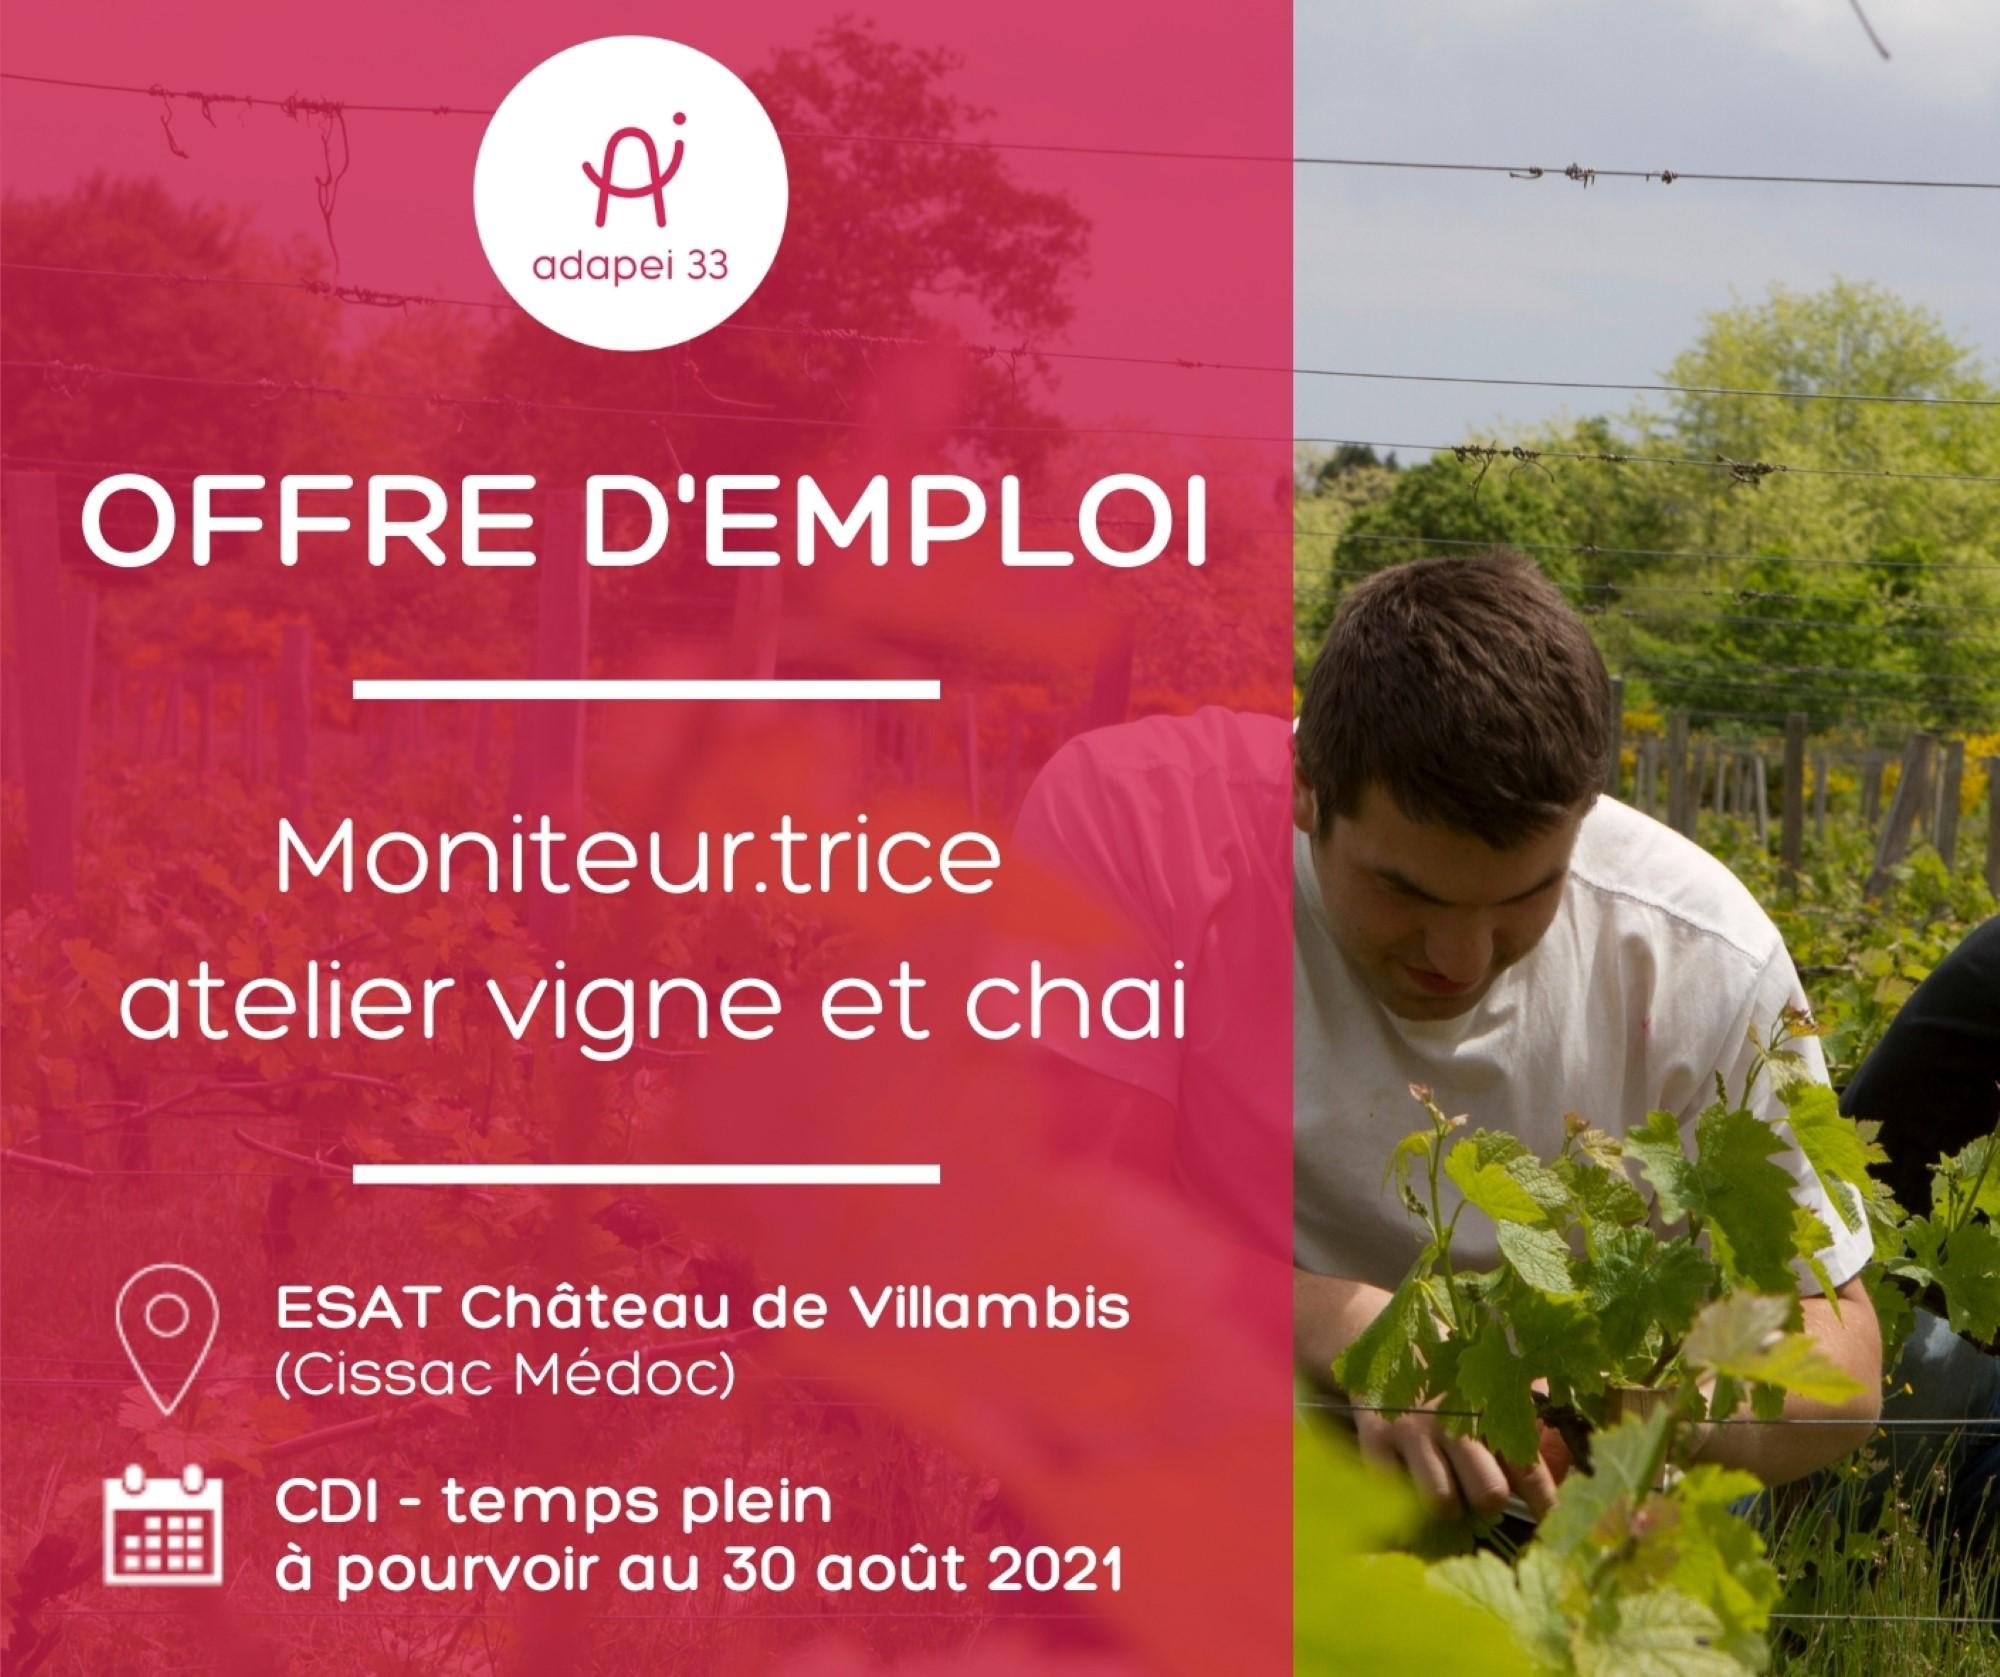 Moniteur.trice d'atelier vigne et chai - Médoc